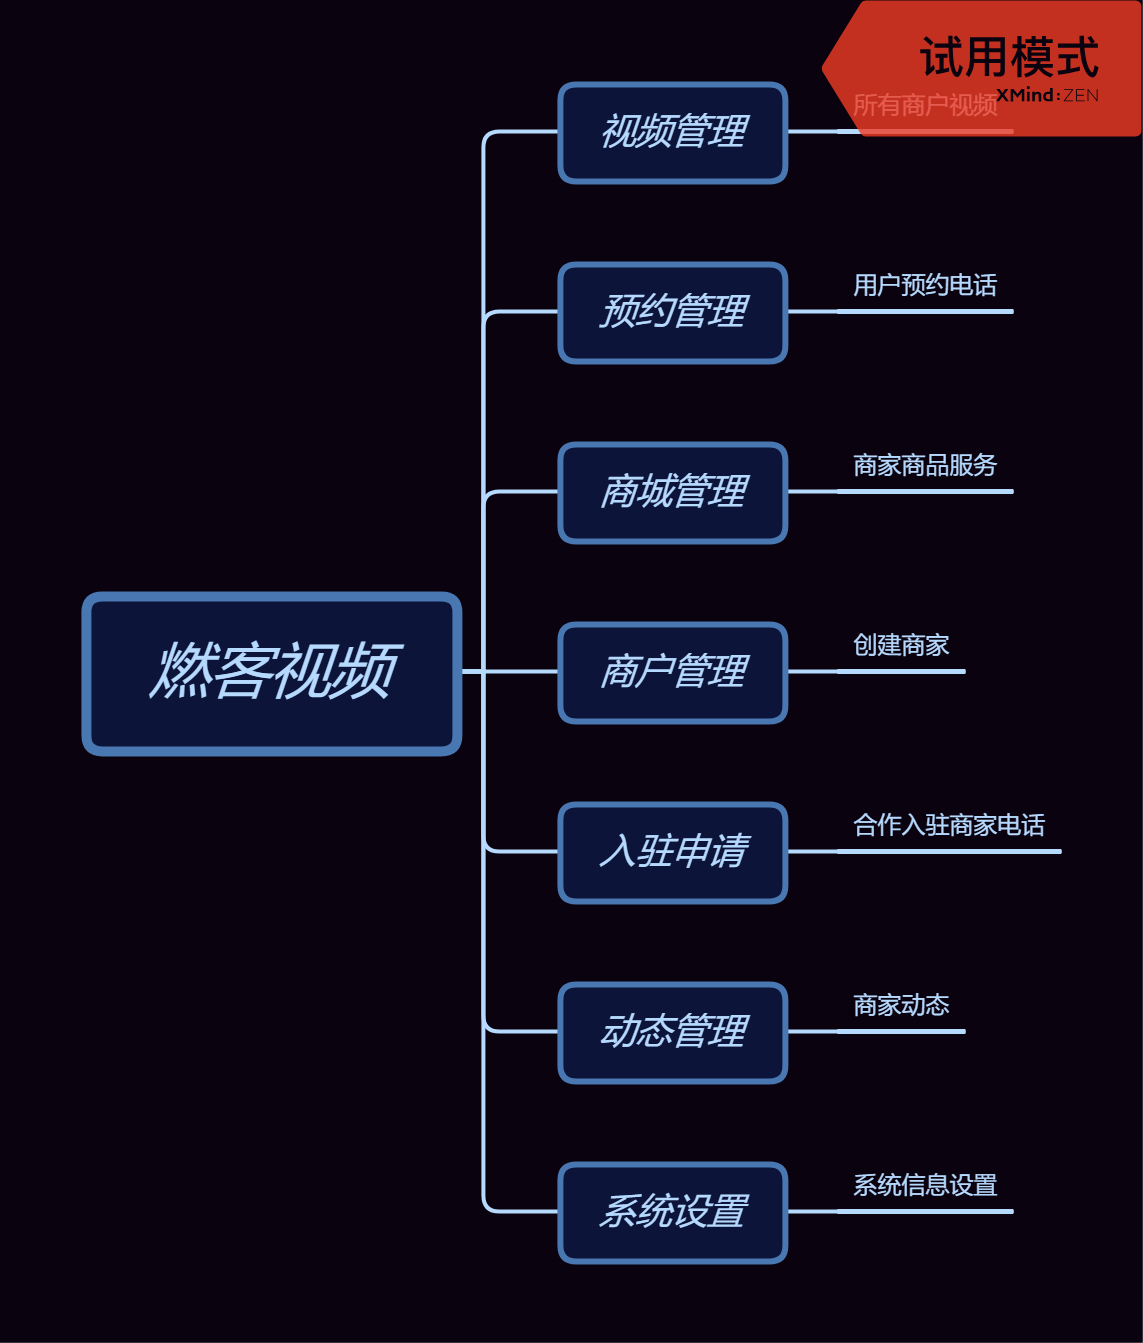 燃客视频小程序6.9+前端(含激活码-渔枫网络资源网